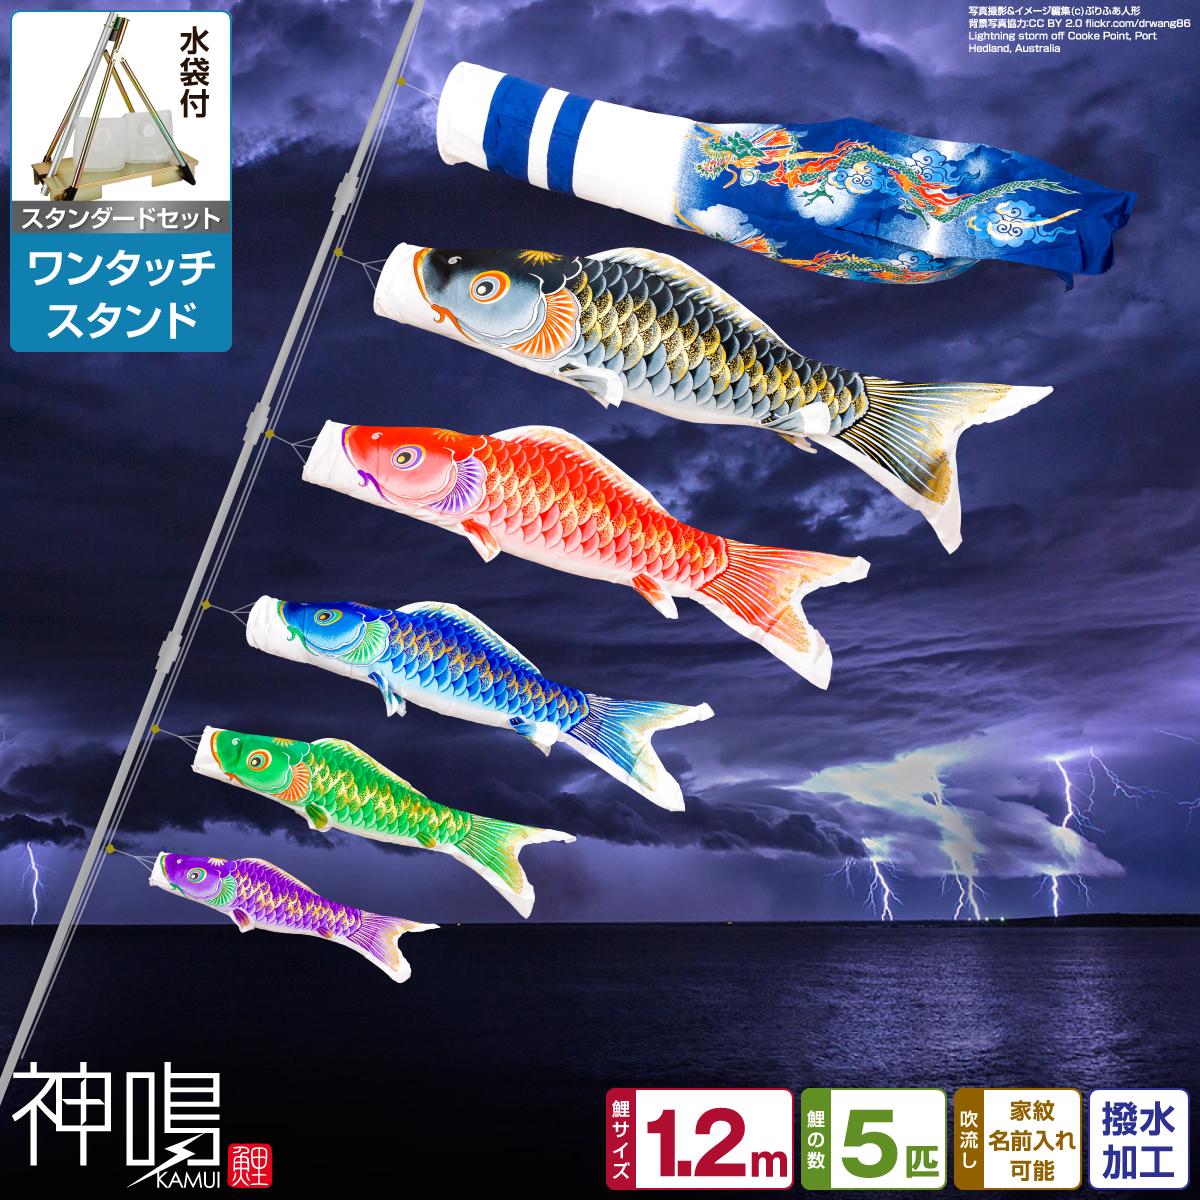 ベランダ用 鯉のぼり 神鳴鯉-KAMUI- 1.2m 8点(吹流し+鯉5匹+矢車+ロープ)/スタンダードセット(ワンタッチスタンド)